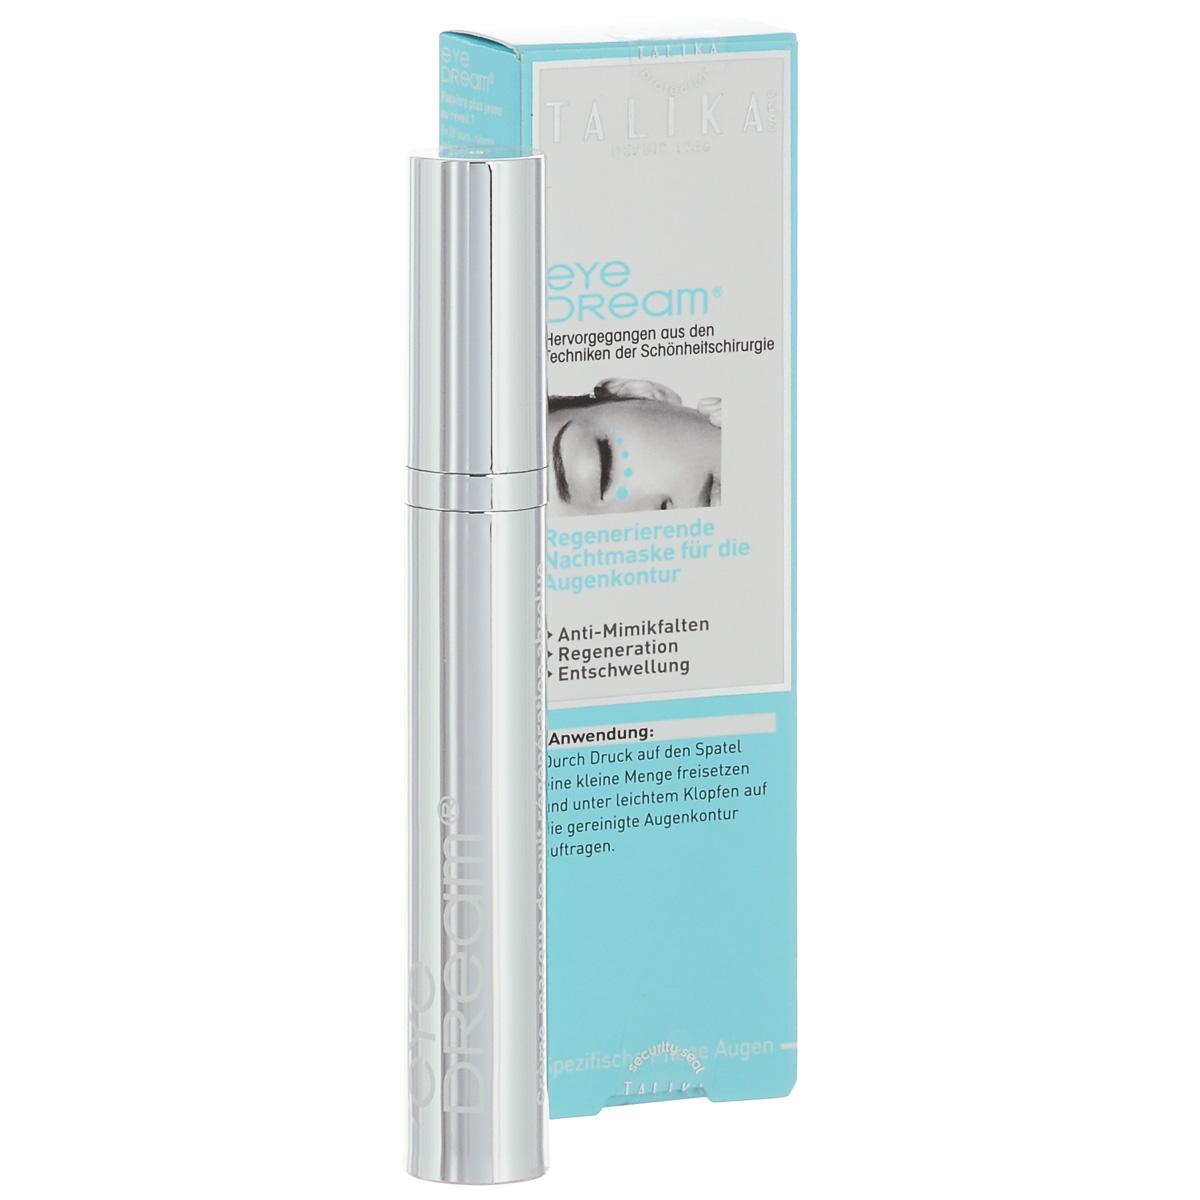 Talika Ночная маска для контура глаз, восстанавливающая, 15 мл619914Ночная восстанавливающая маска для контура глаз состоит из пептидов и расслабляющих активных веществ, восстанавливает кожу ночь за ночью. Уменьшает прилив крови к контурам глаз, кожа разглаживается и остается глубоко увлажненной. Наносить ежедневно вечером легкими похлопываниями на очищенную кожу вокруг глаз по орбитальной косточке.